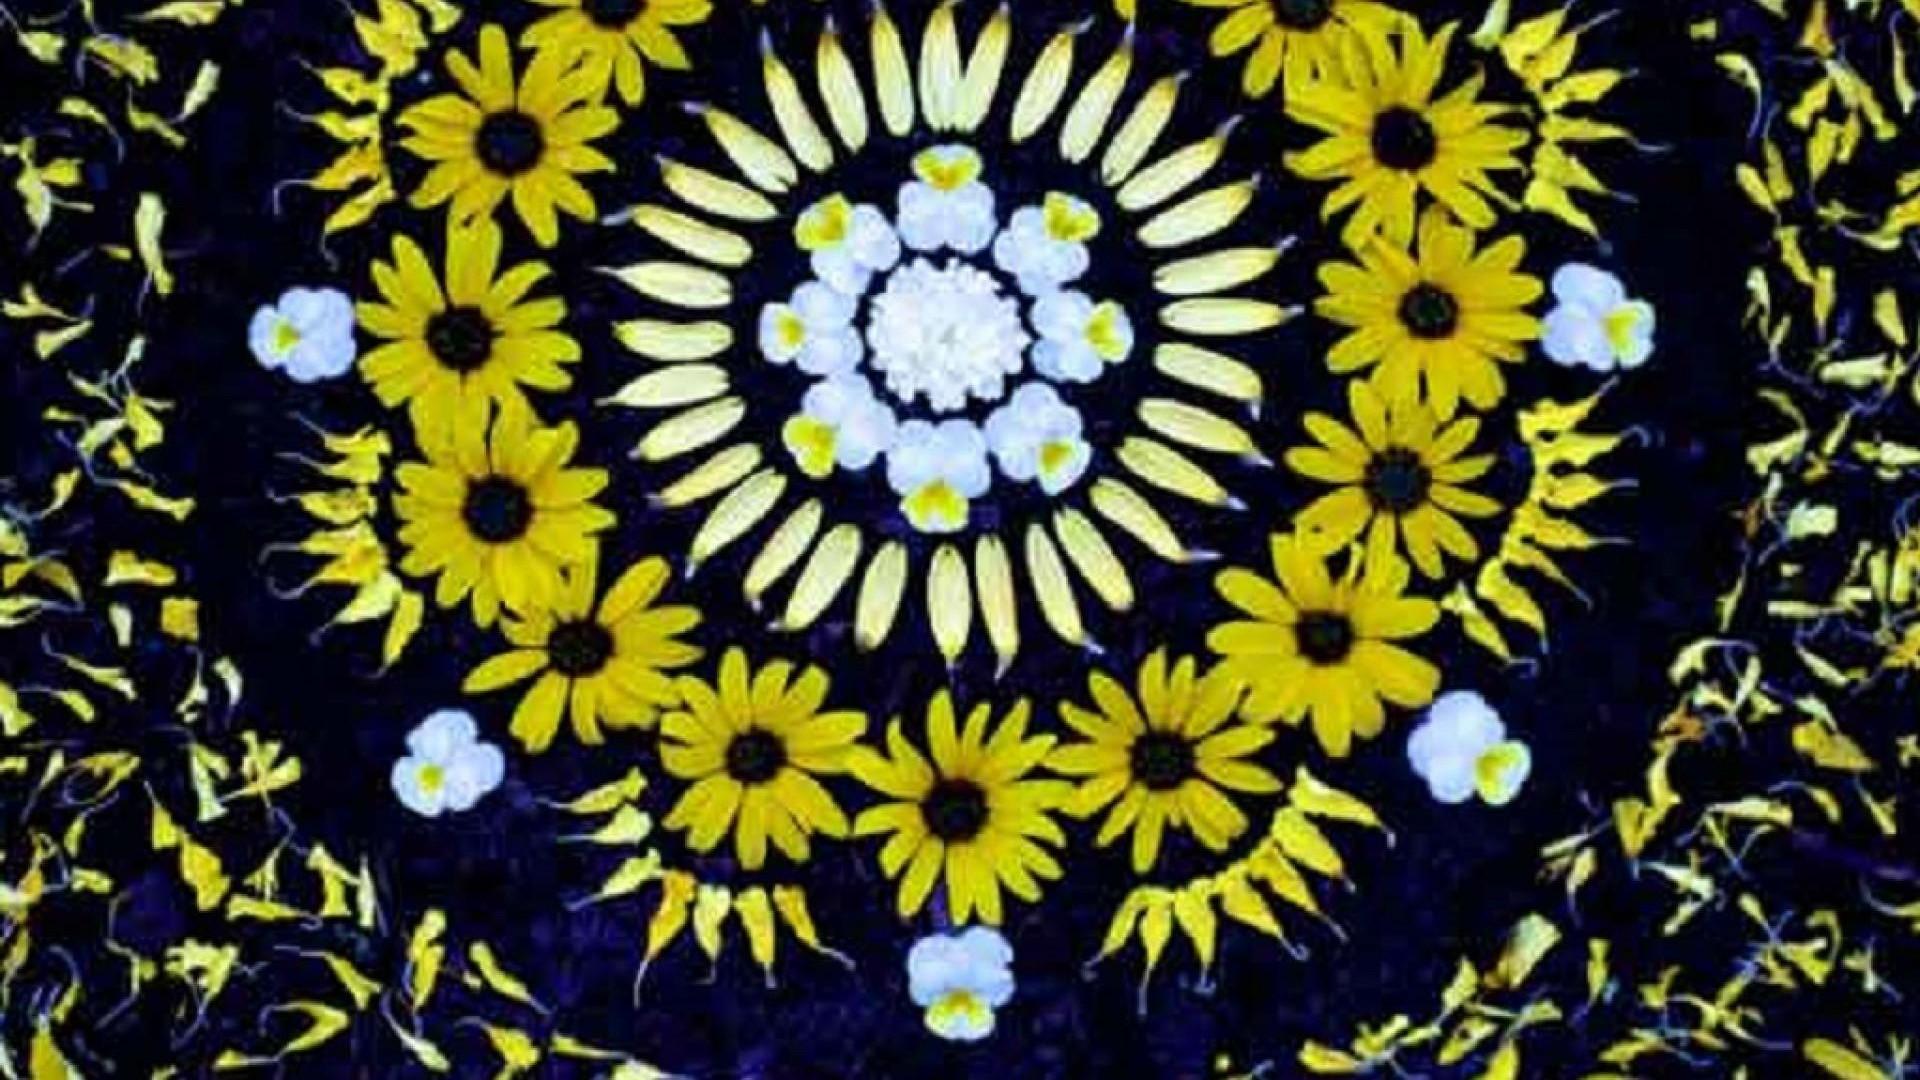 Mandala Wallpaper Iphone 67 Images